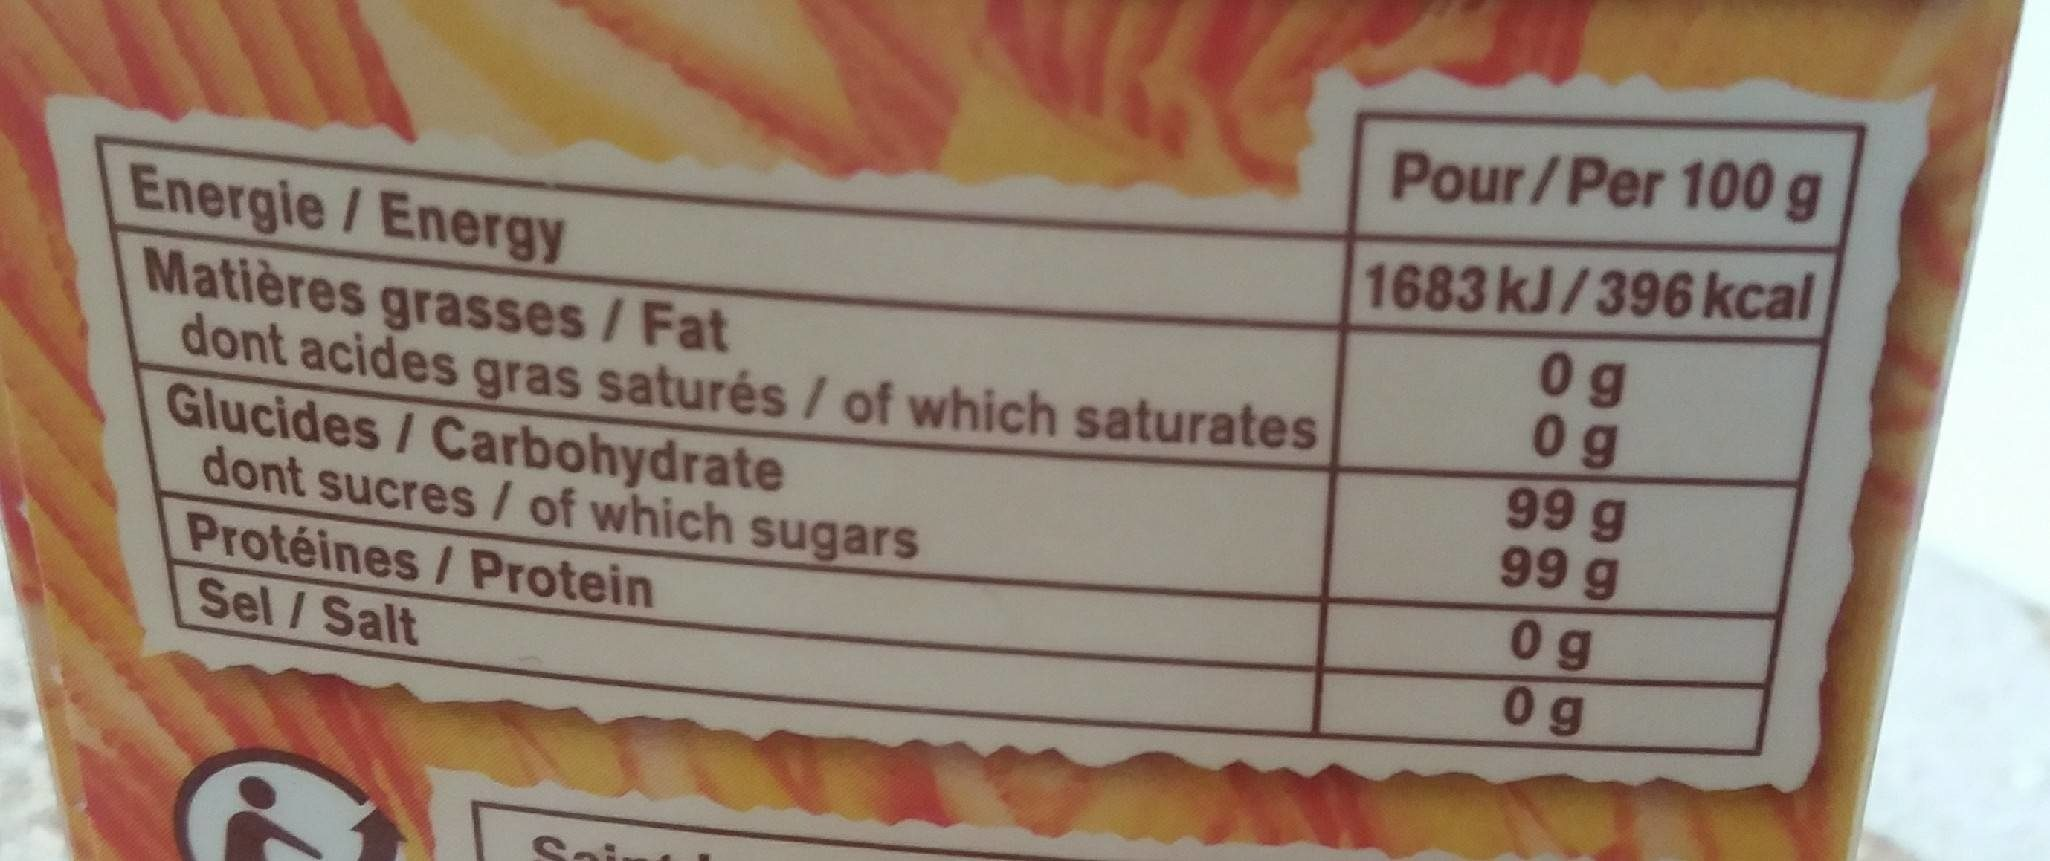 Doré de Canne - Nutrition facts - fr